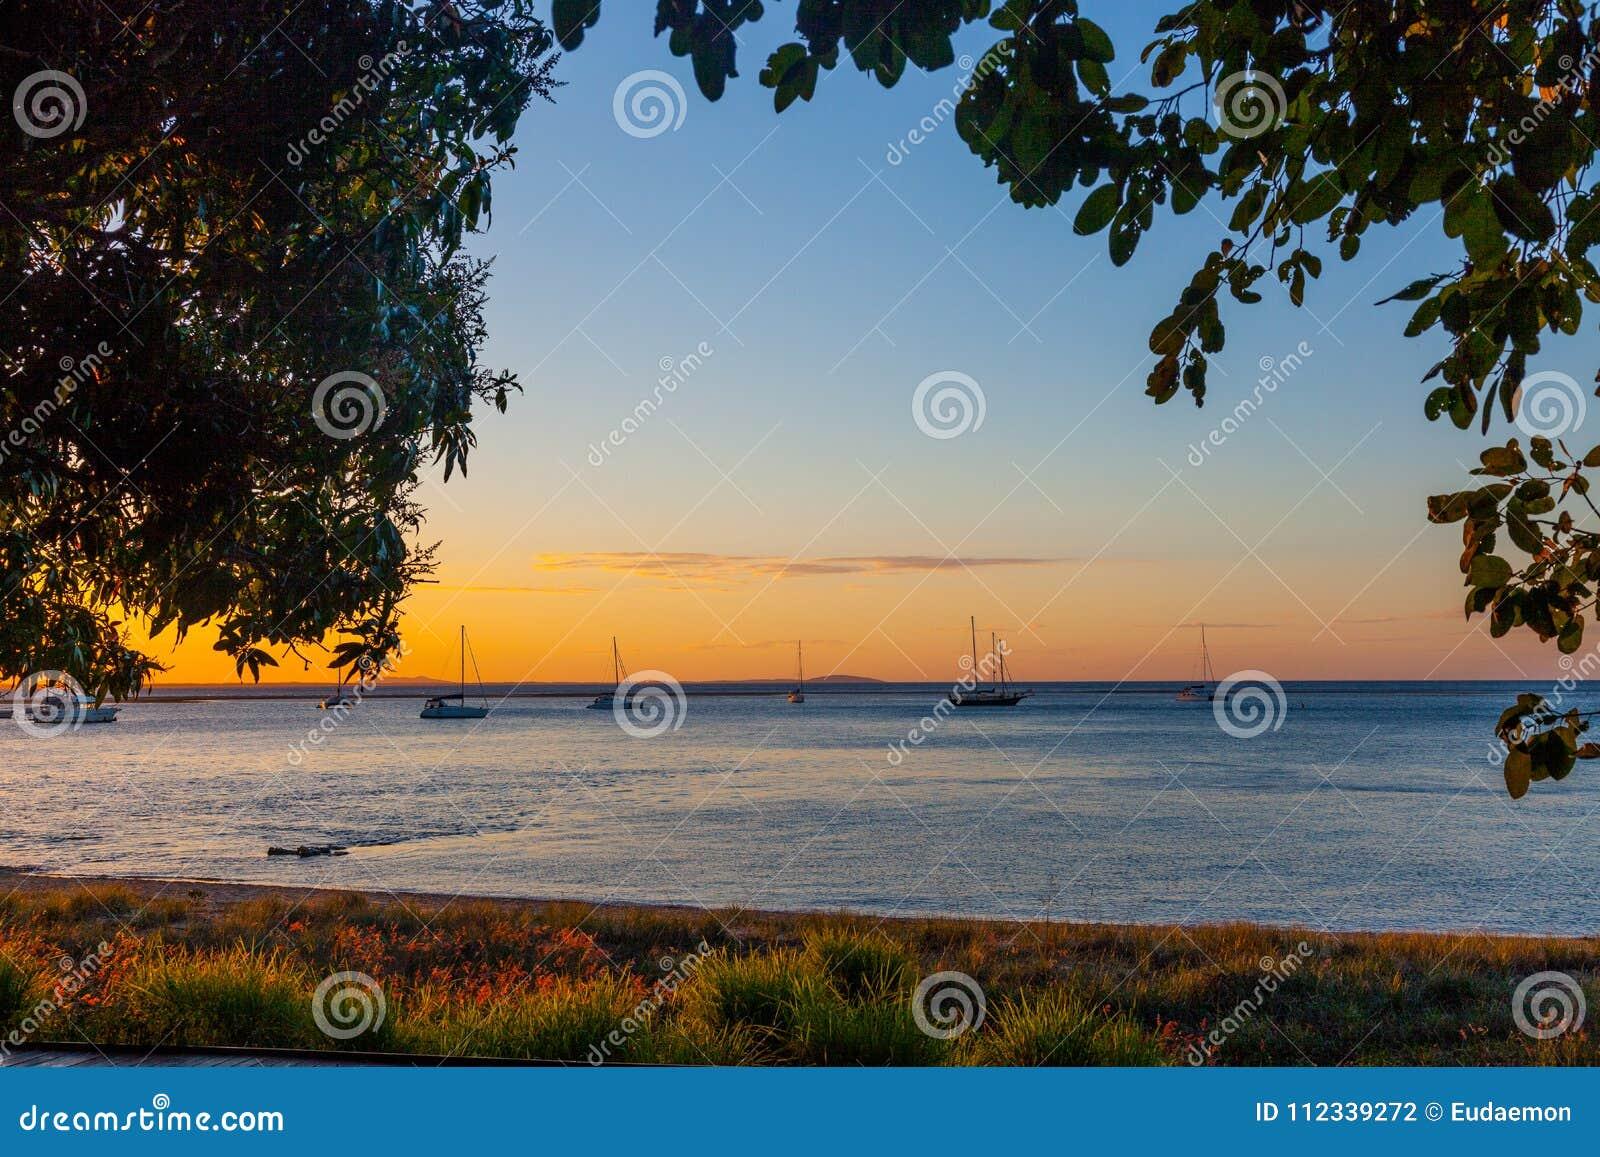 Solnedgång på sjutton sjuttio, Queensland